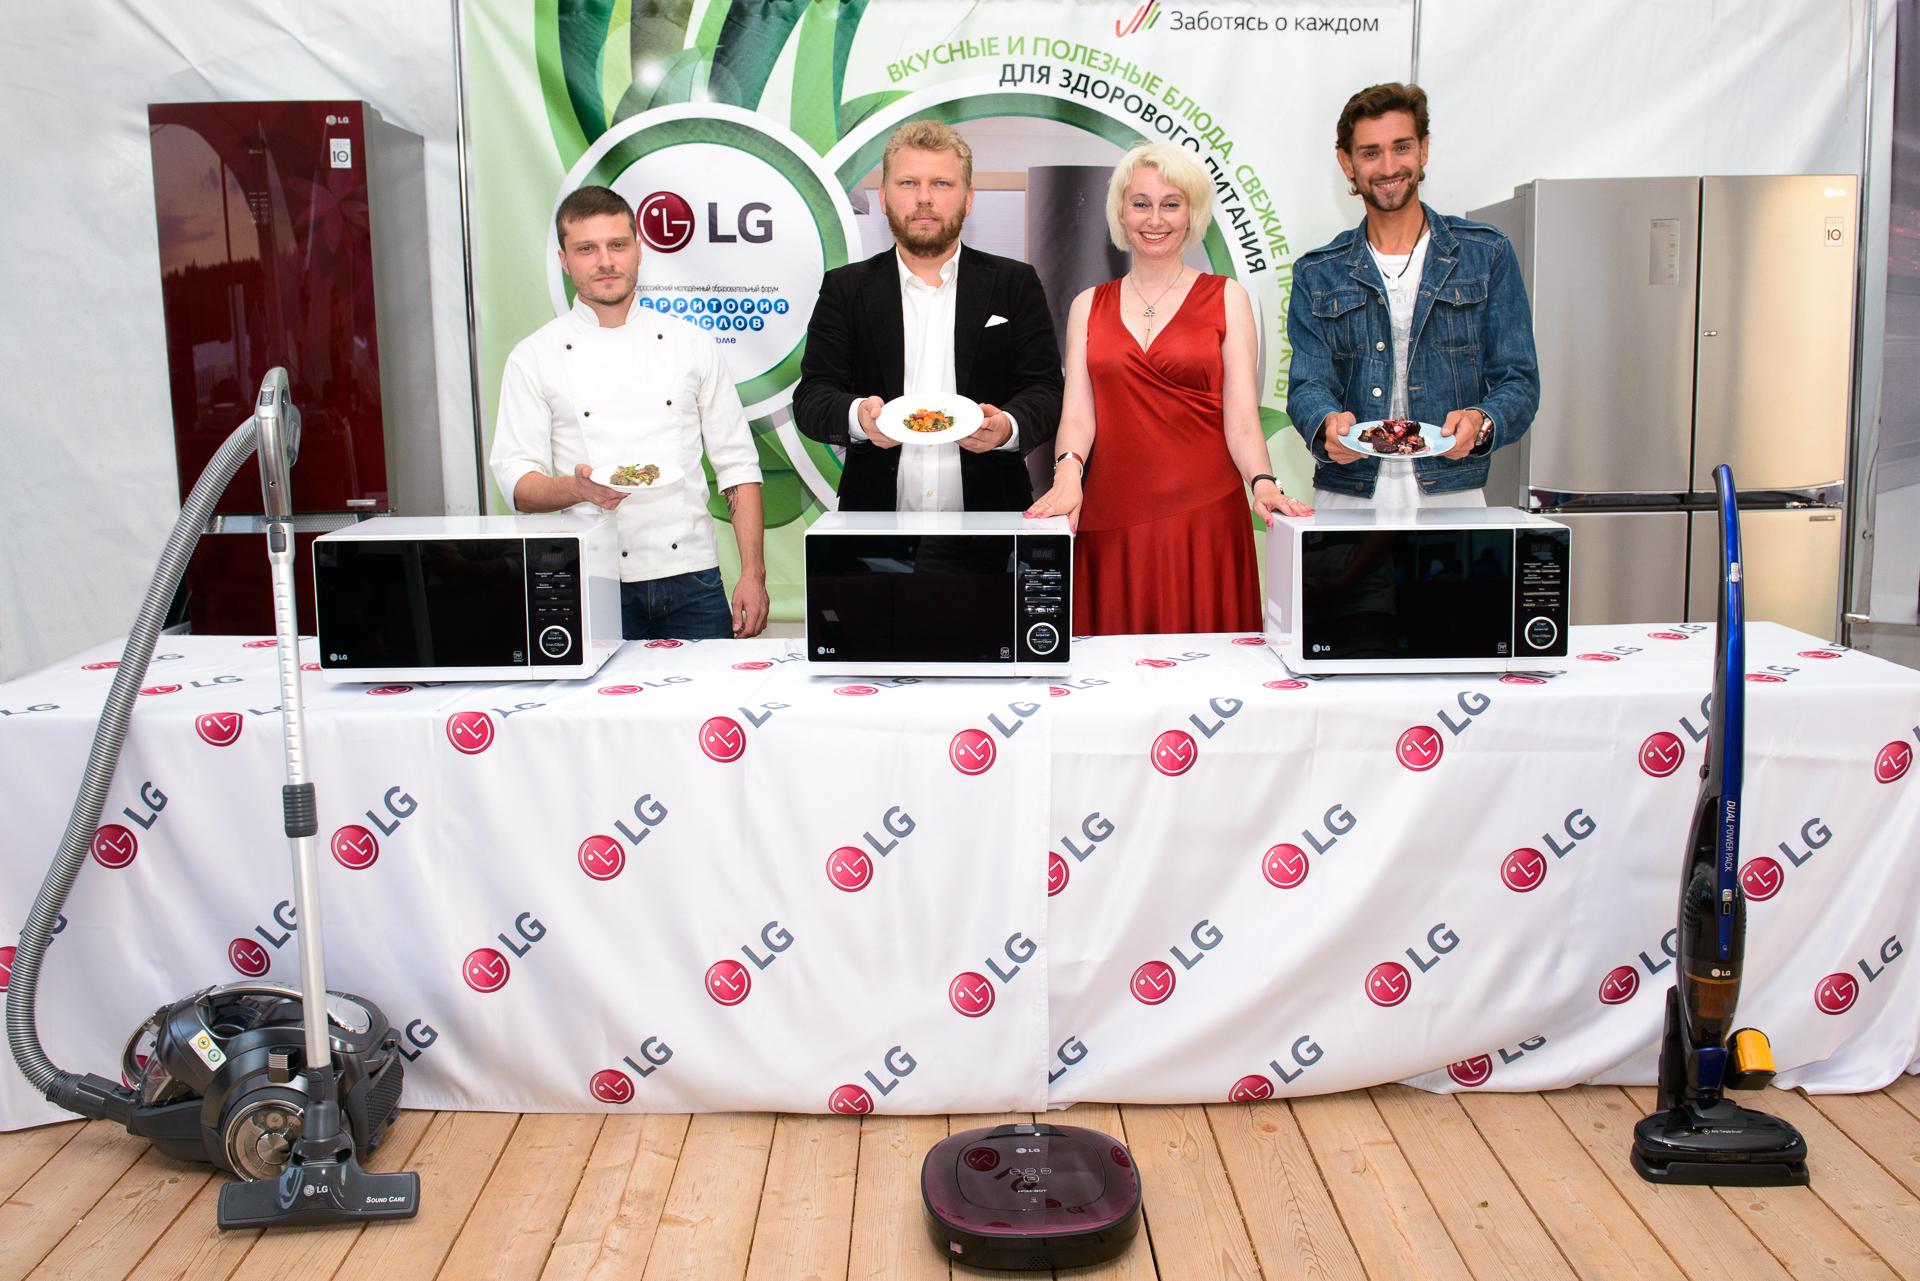 Кулинарный мастер-класс от LG Мужчины дома на Всероссийском молодежном образовательном форуме Территория смыслов на